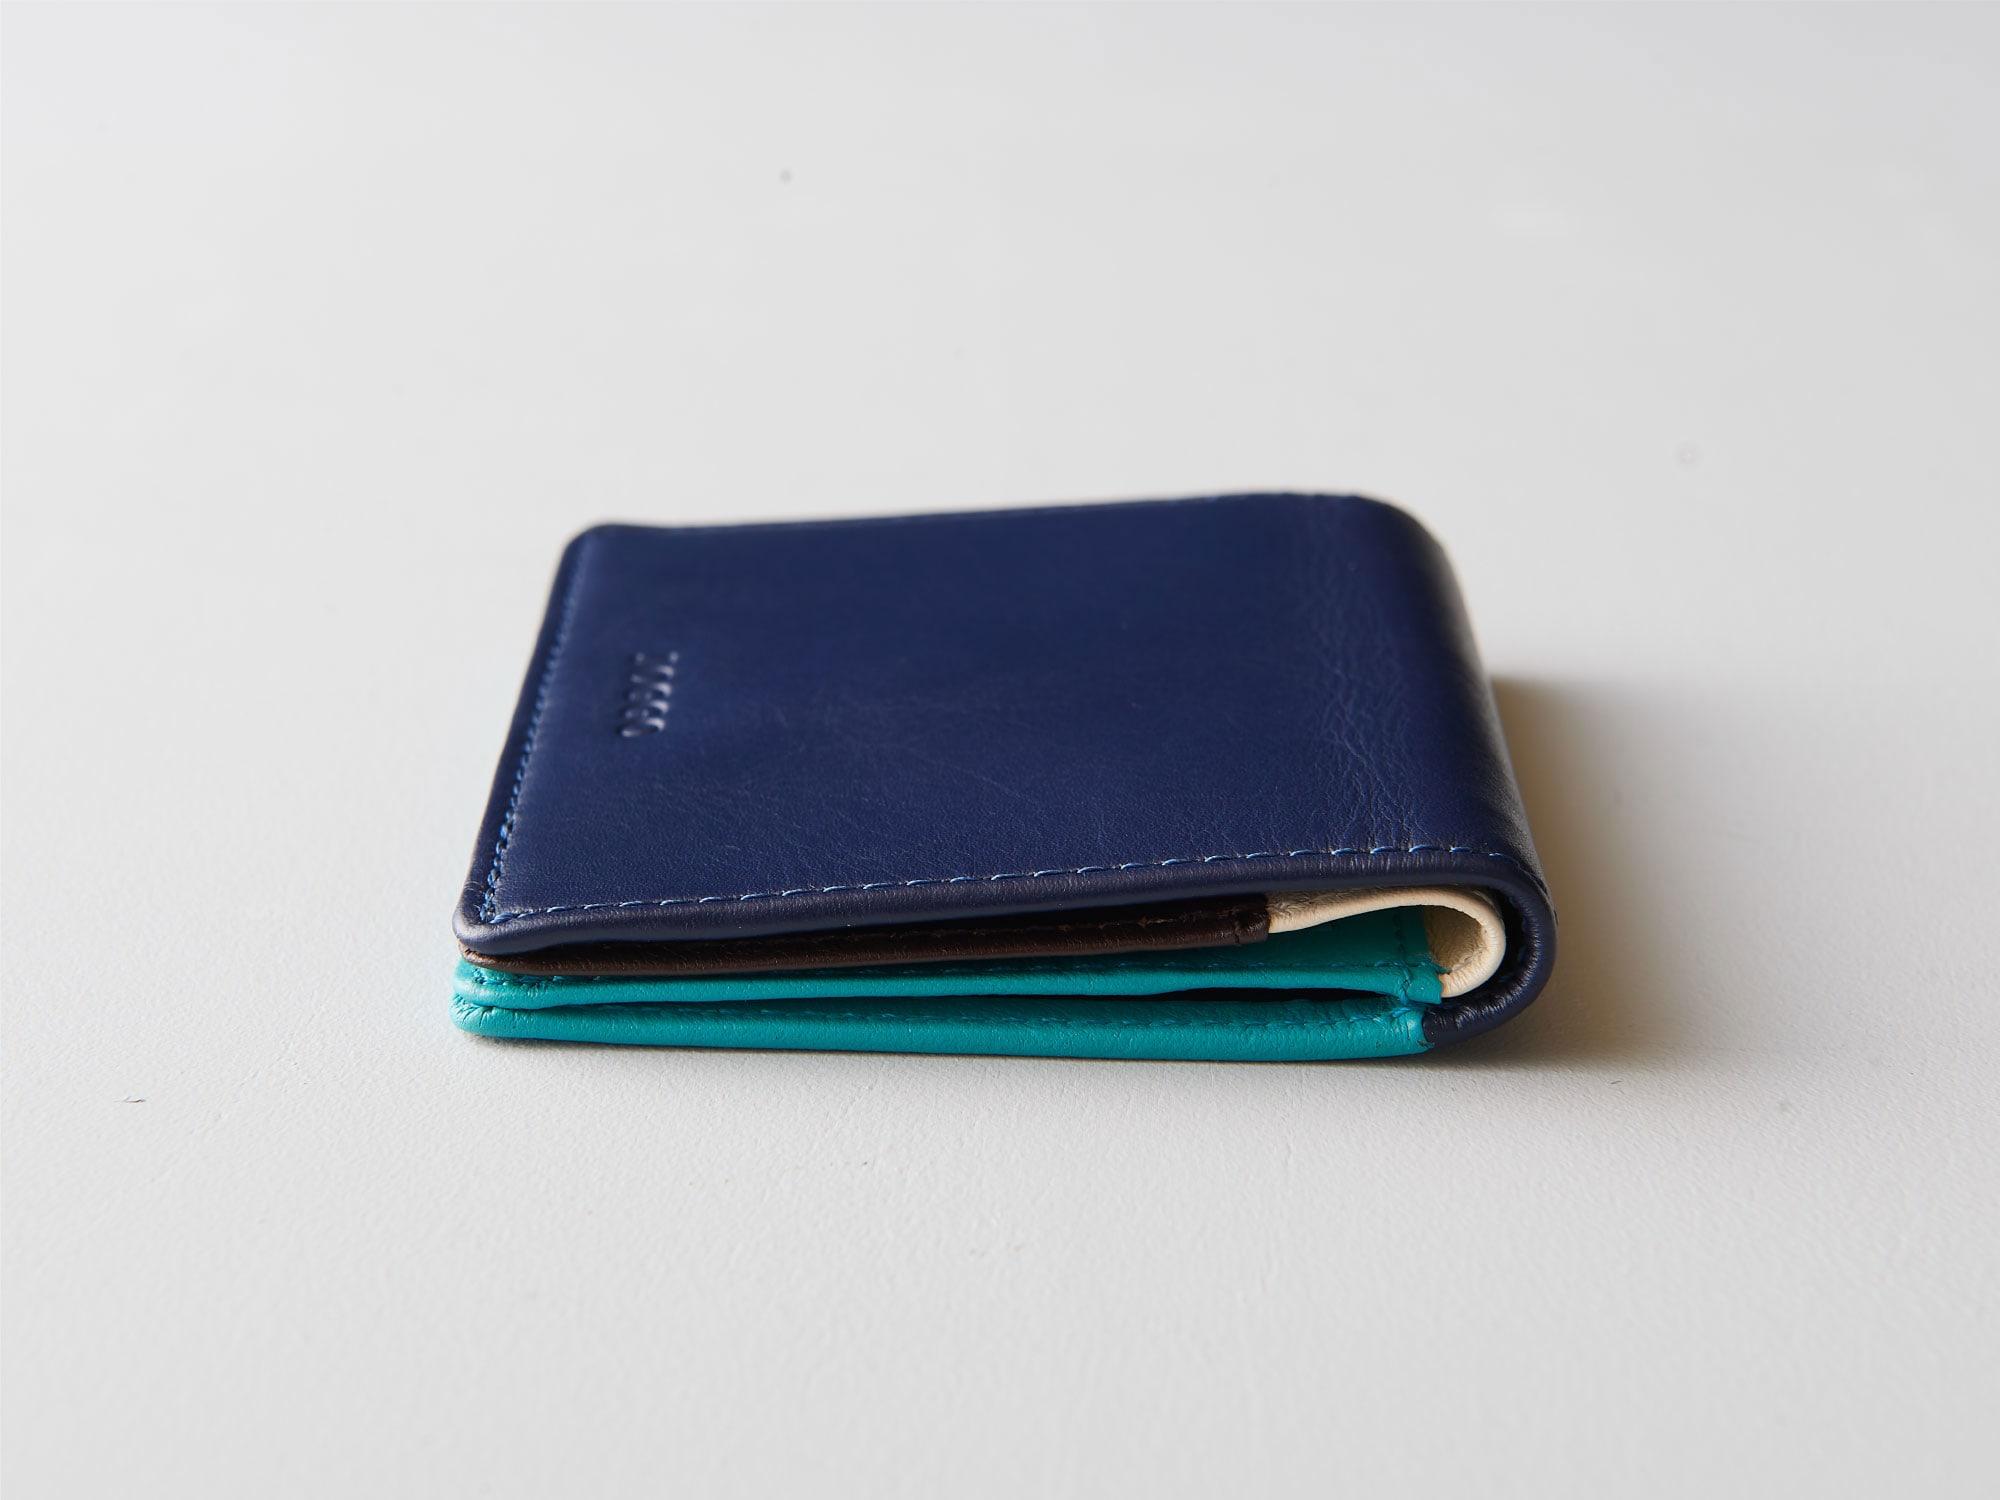 新商品「二つ折りミニ財布」究極の薄さを実現したミニウォレット発売 image02